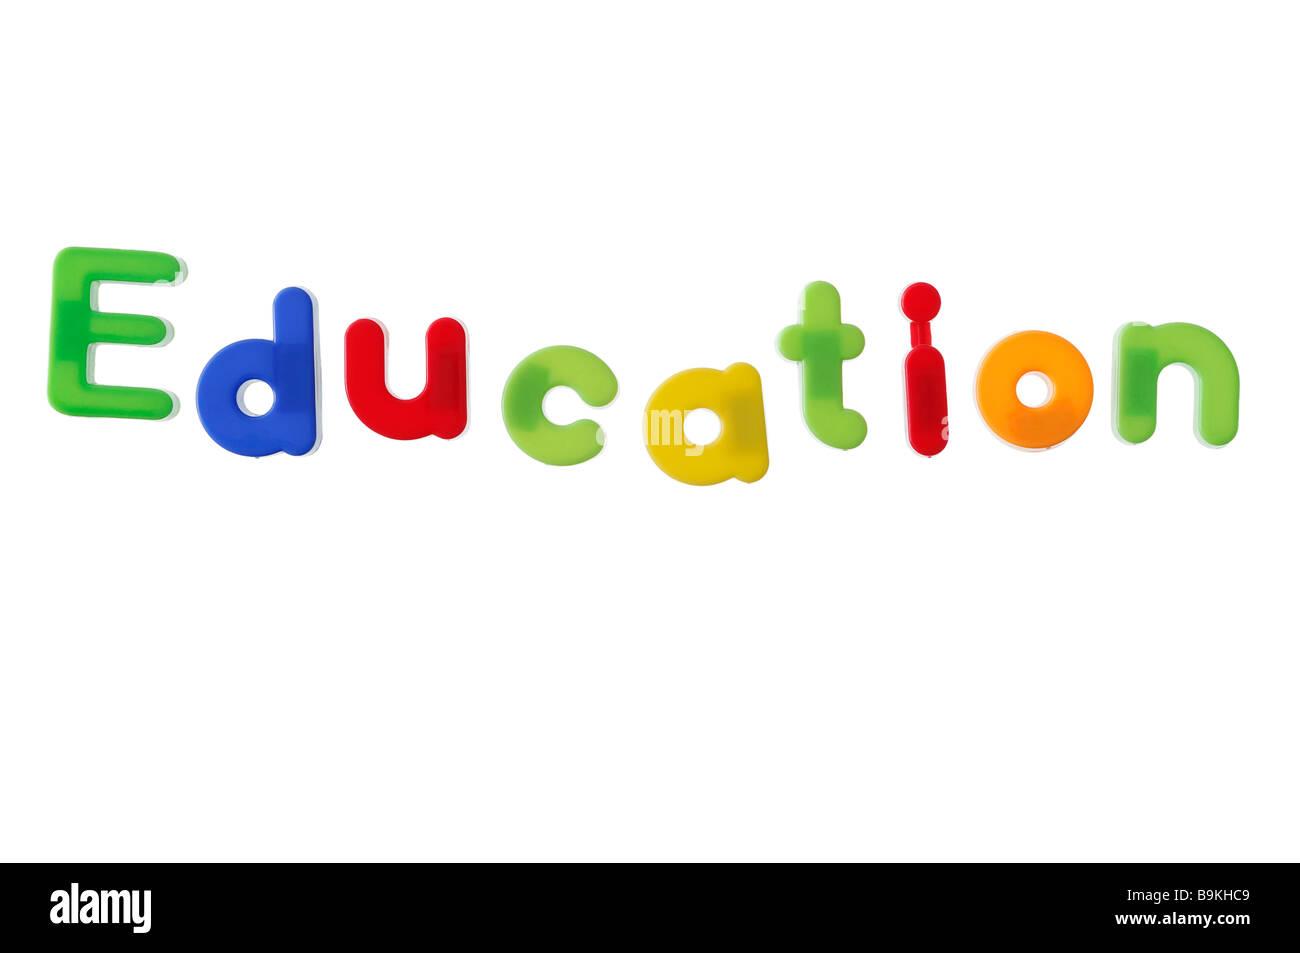 L'éducation écrit avec des lettres magnétiques Photo Stock